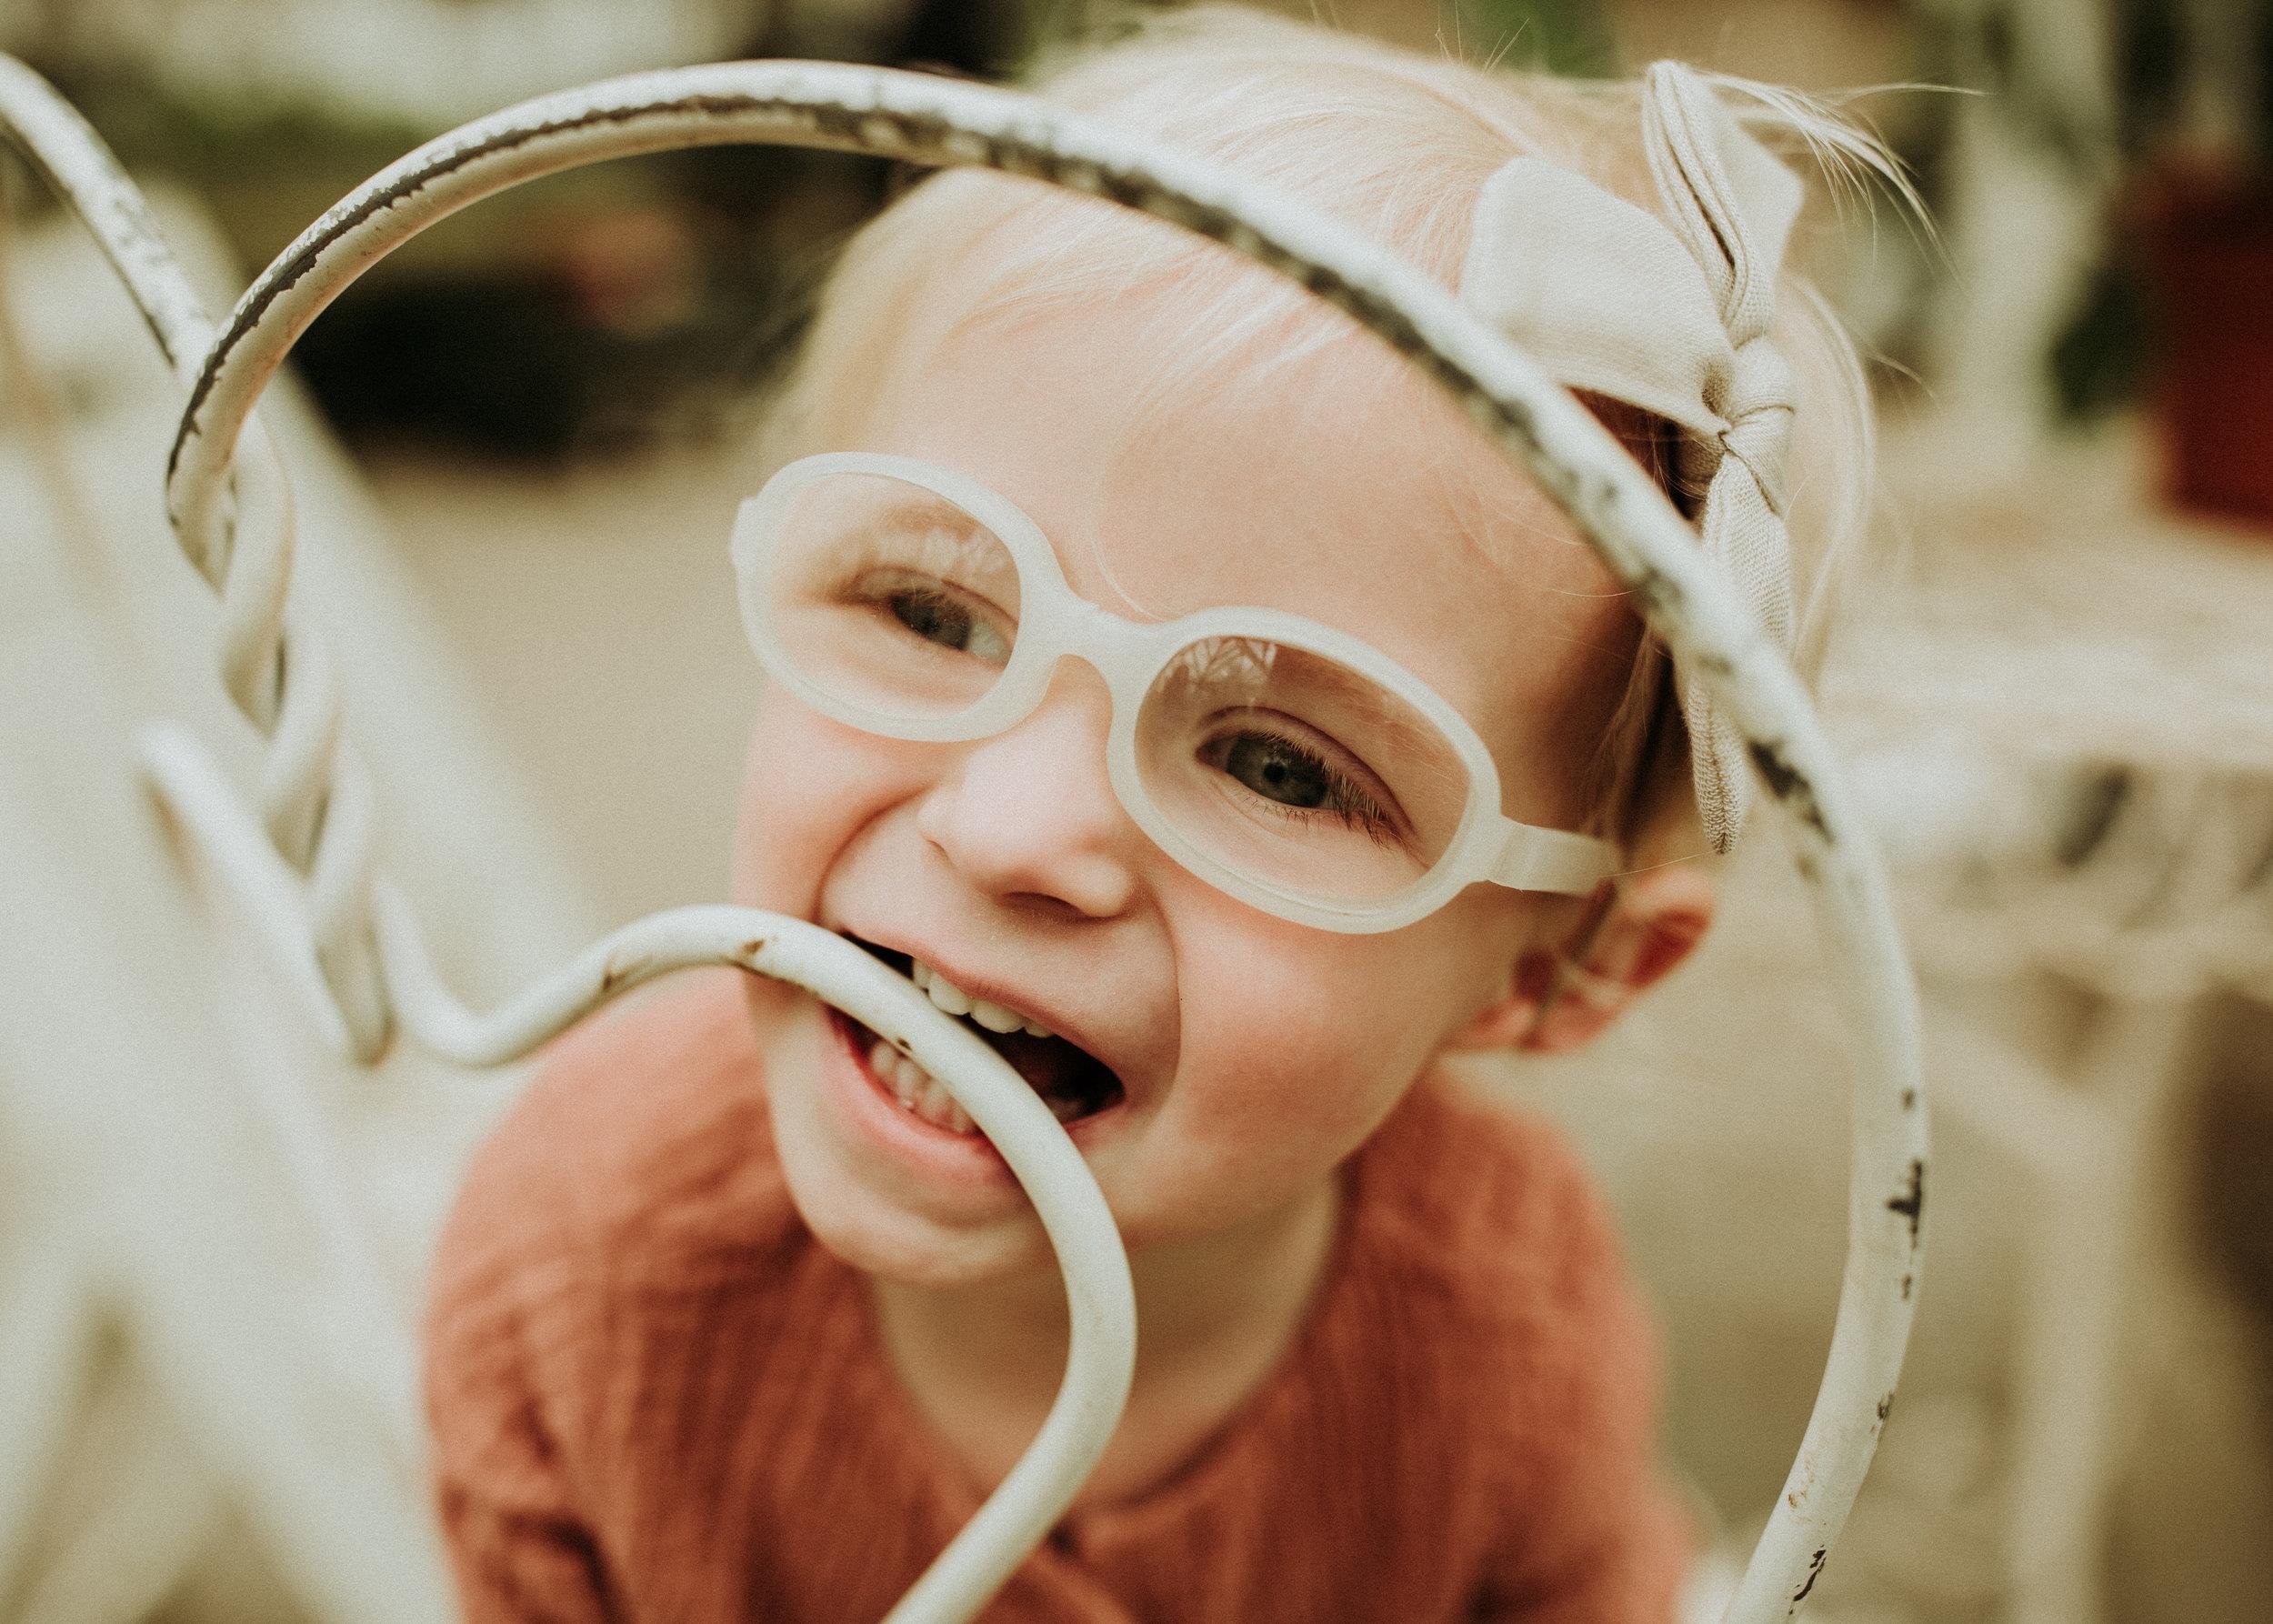 Family-Photographer-Bellingham-WA-Brianne-Bell-Photograpy-(Bennett)-2.jpg